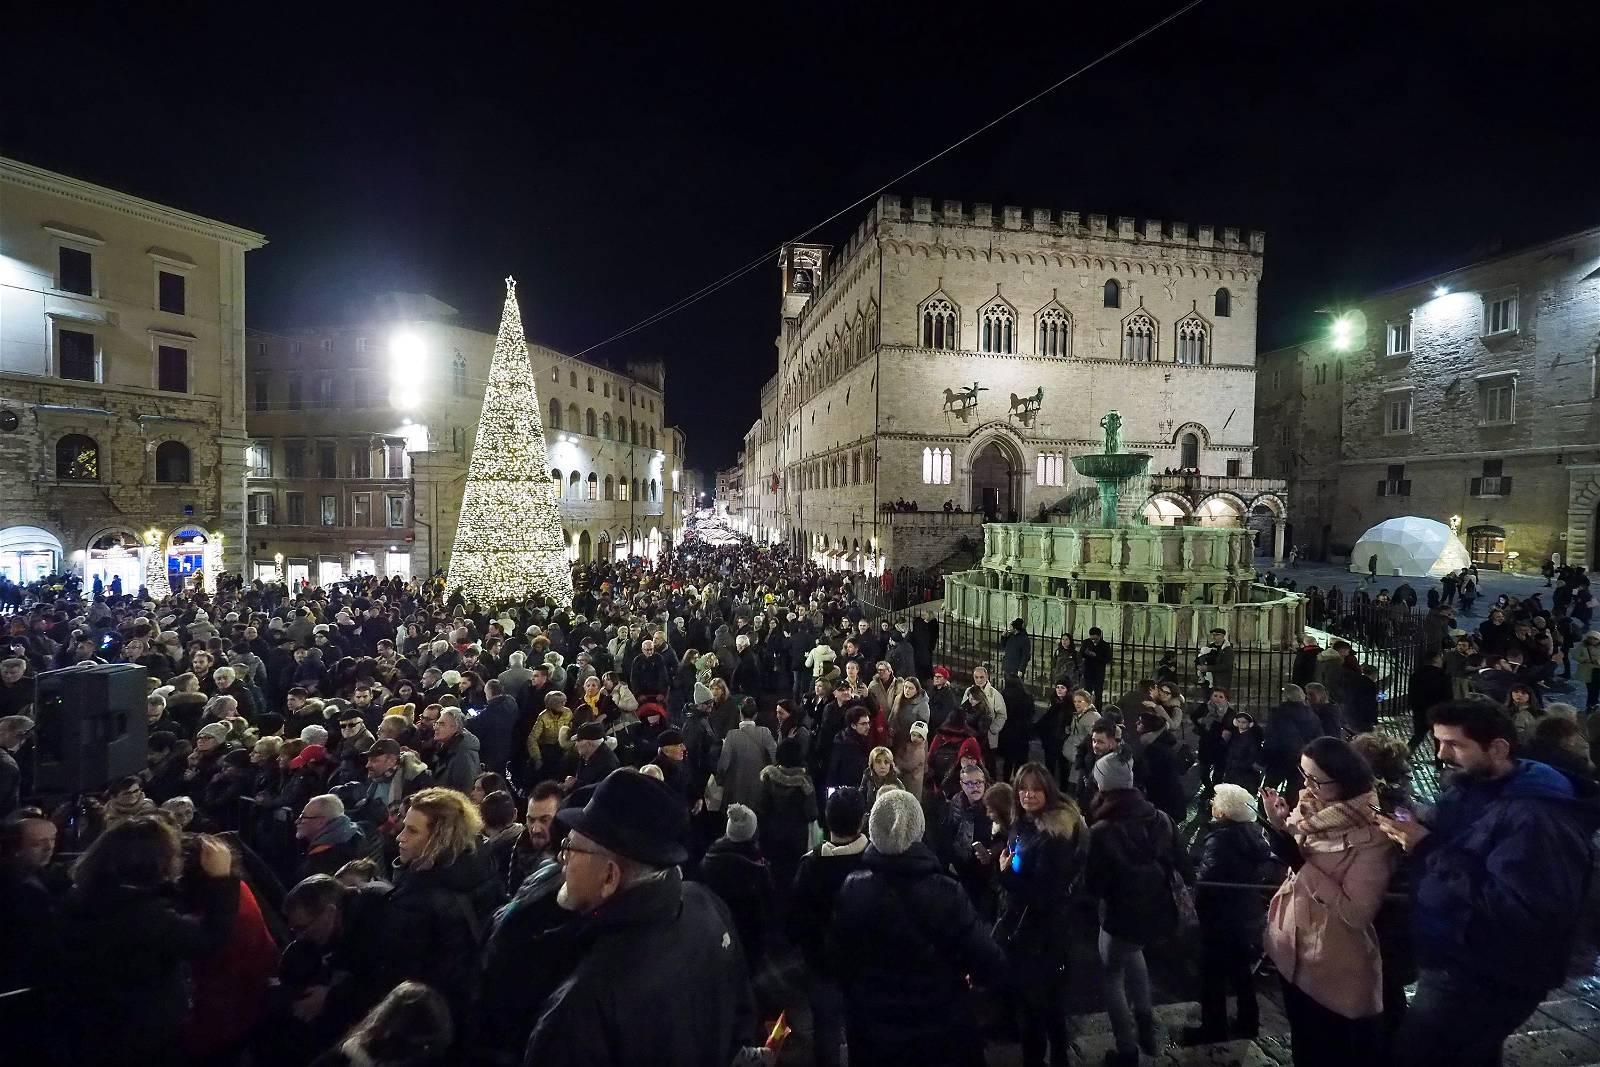 Natale di Perugia, in tanti a vedere il funanbolo e le esibizioni in piazza